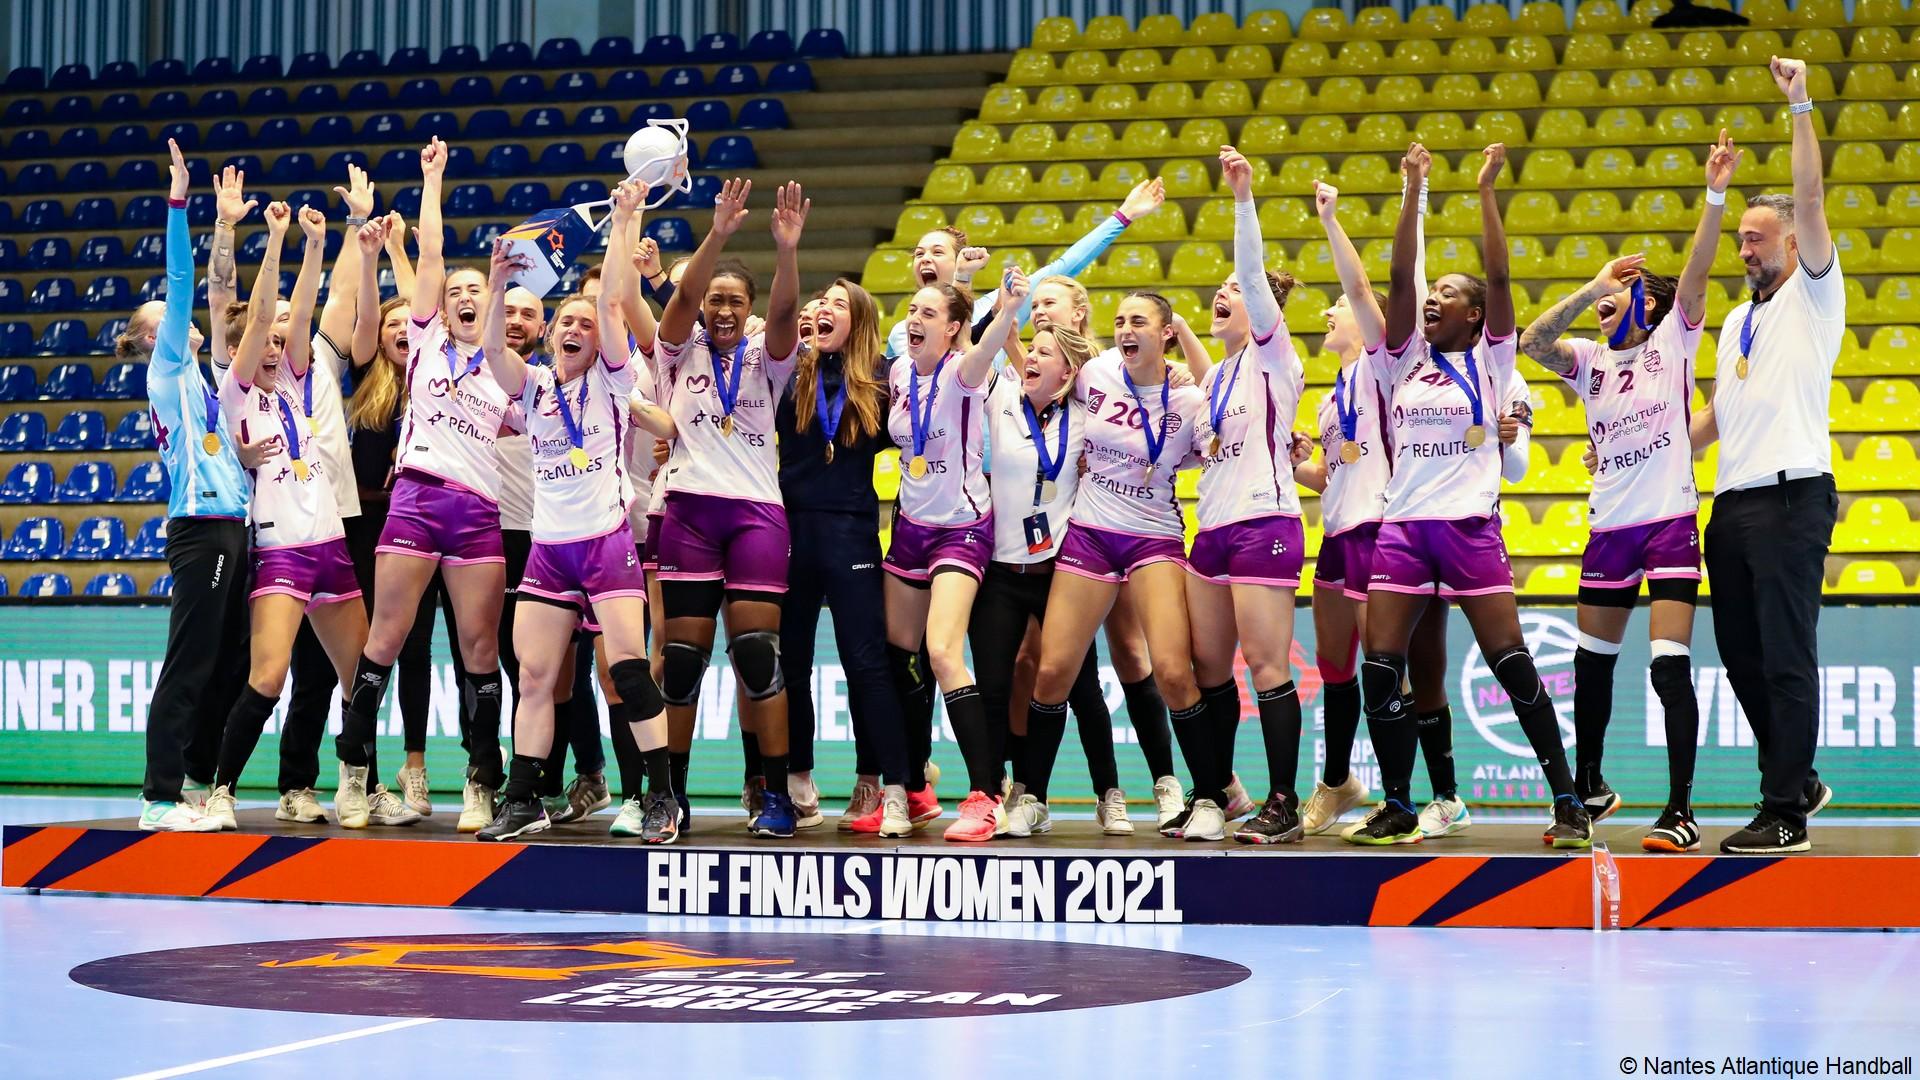 Nantes HB Féminine (3) EquipeTrophée EHF